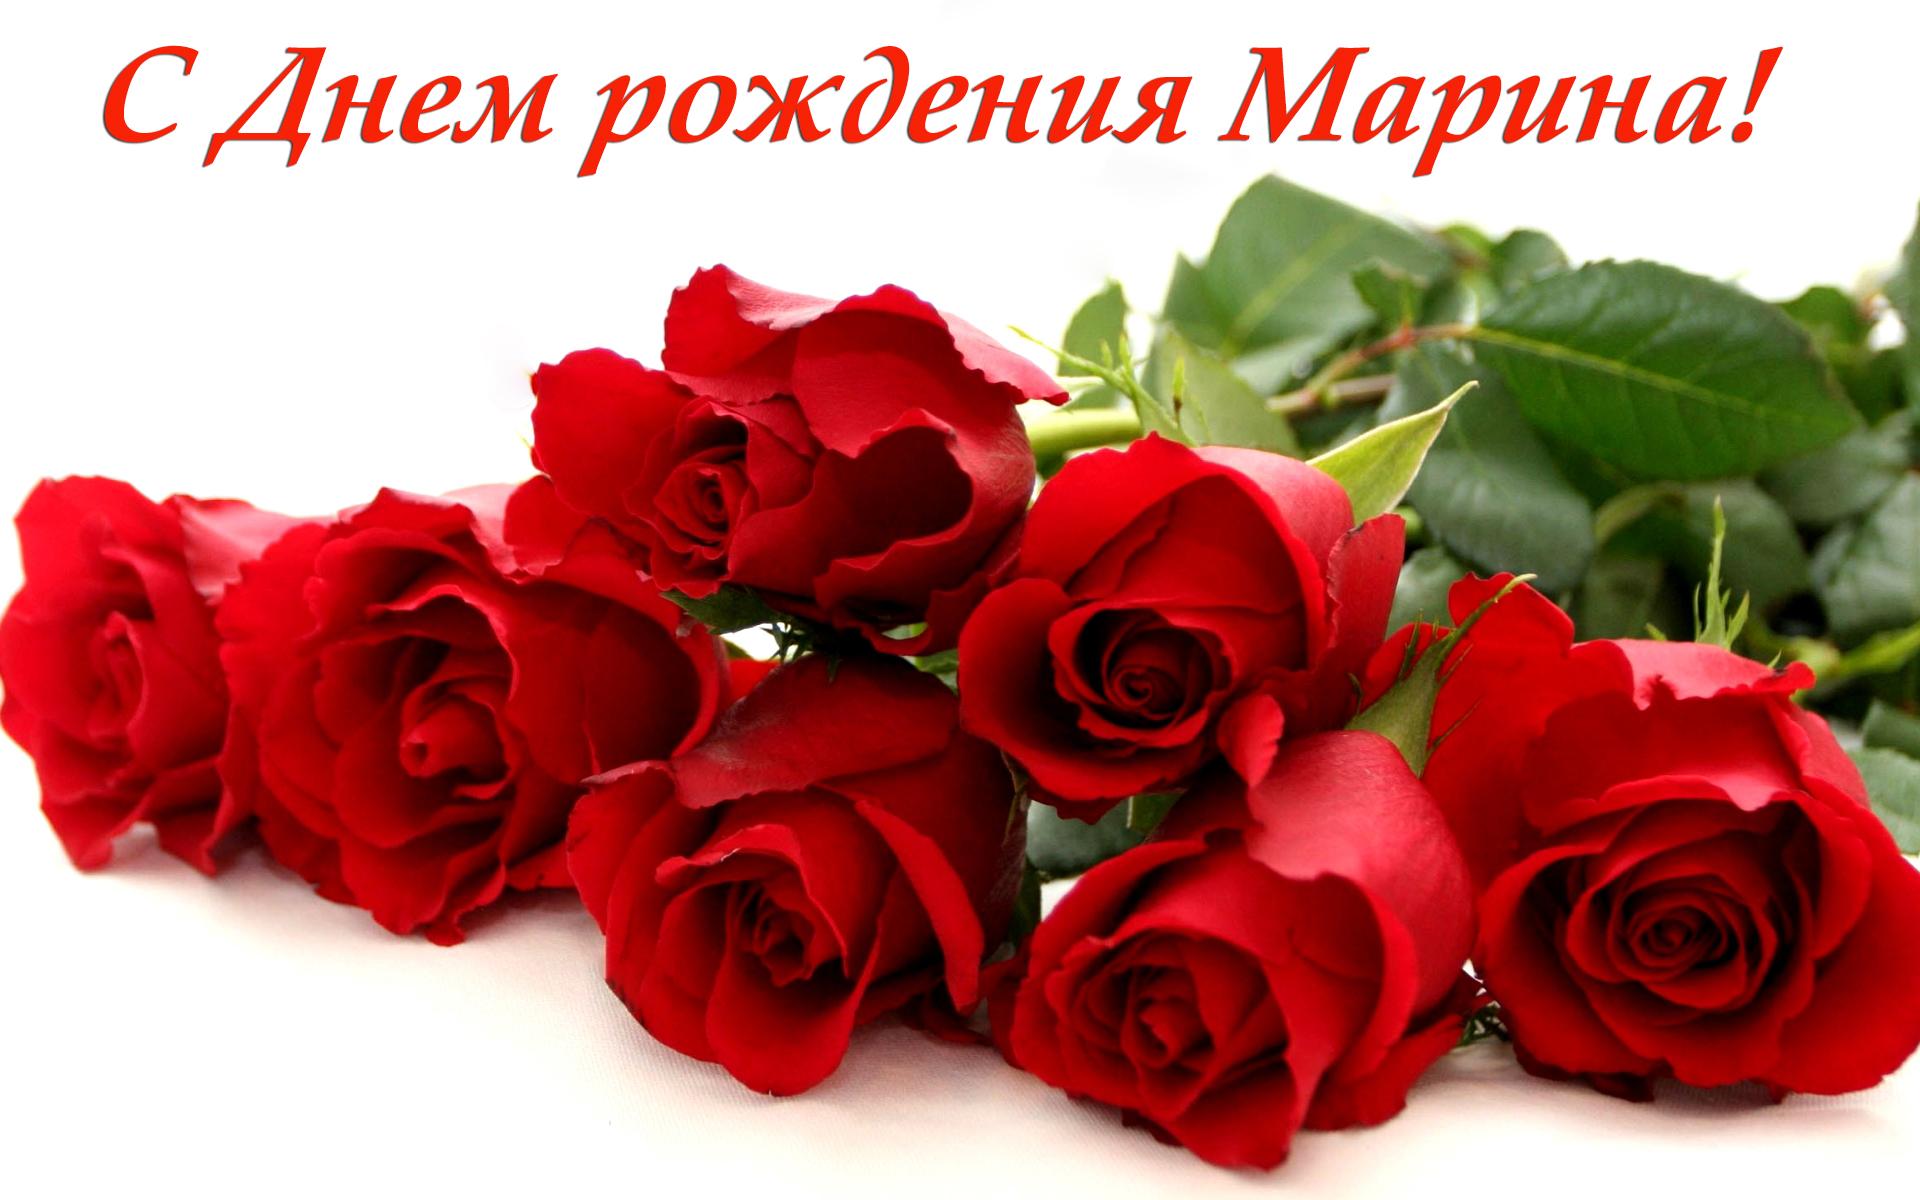 С днем рождения марина - Поздравительные Открытки с Днем 40